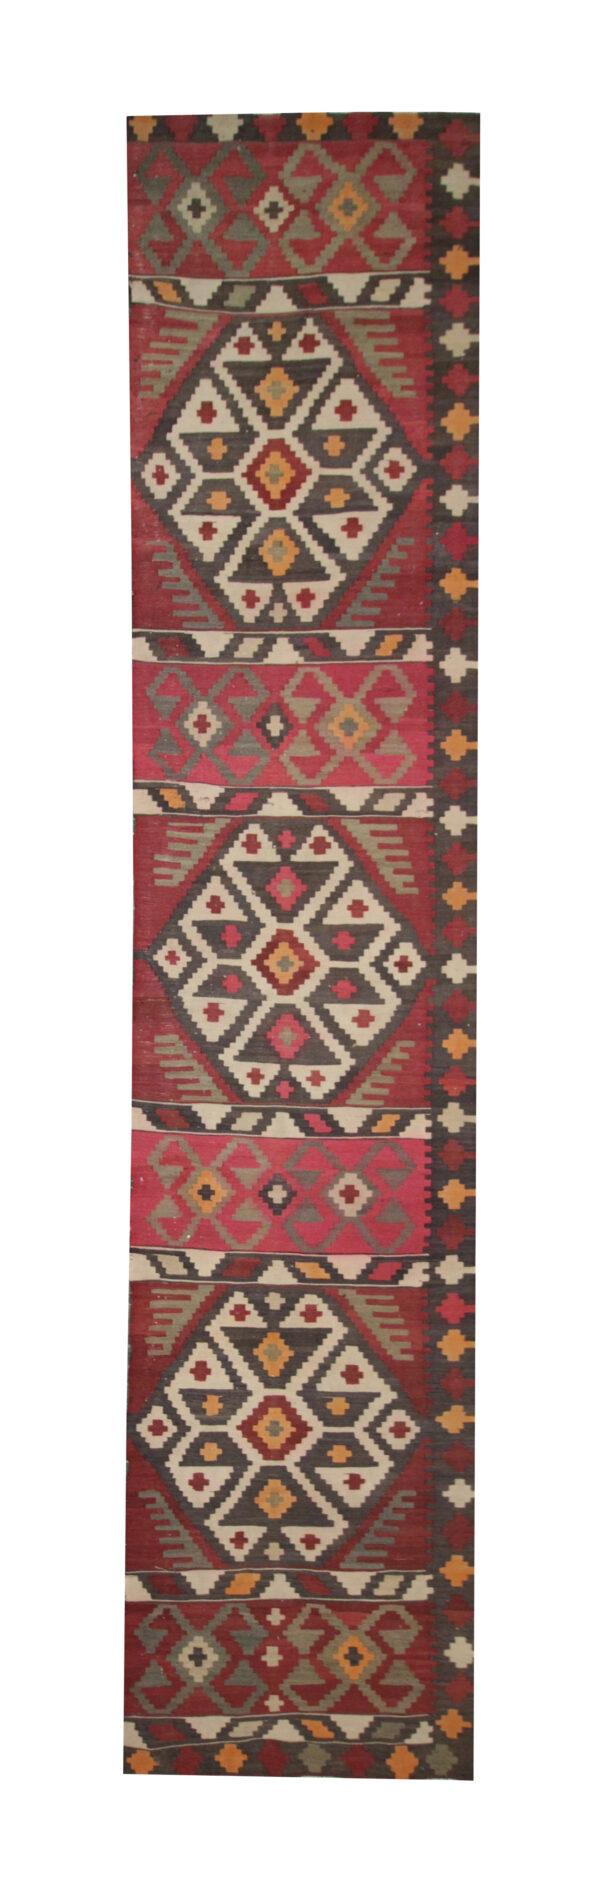 Red Persian Rug Handmade Kilim Rugs for Sale UK, Vintage Persian Carpet